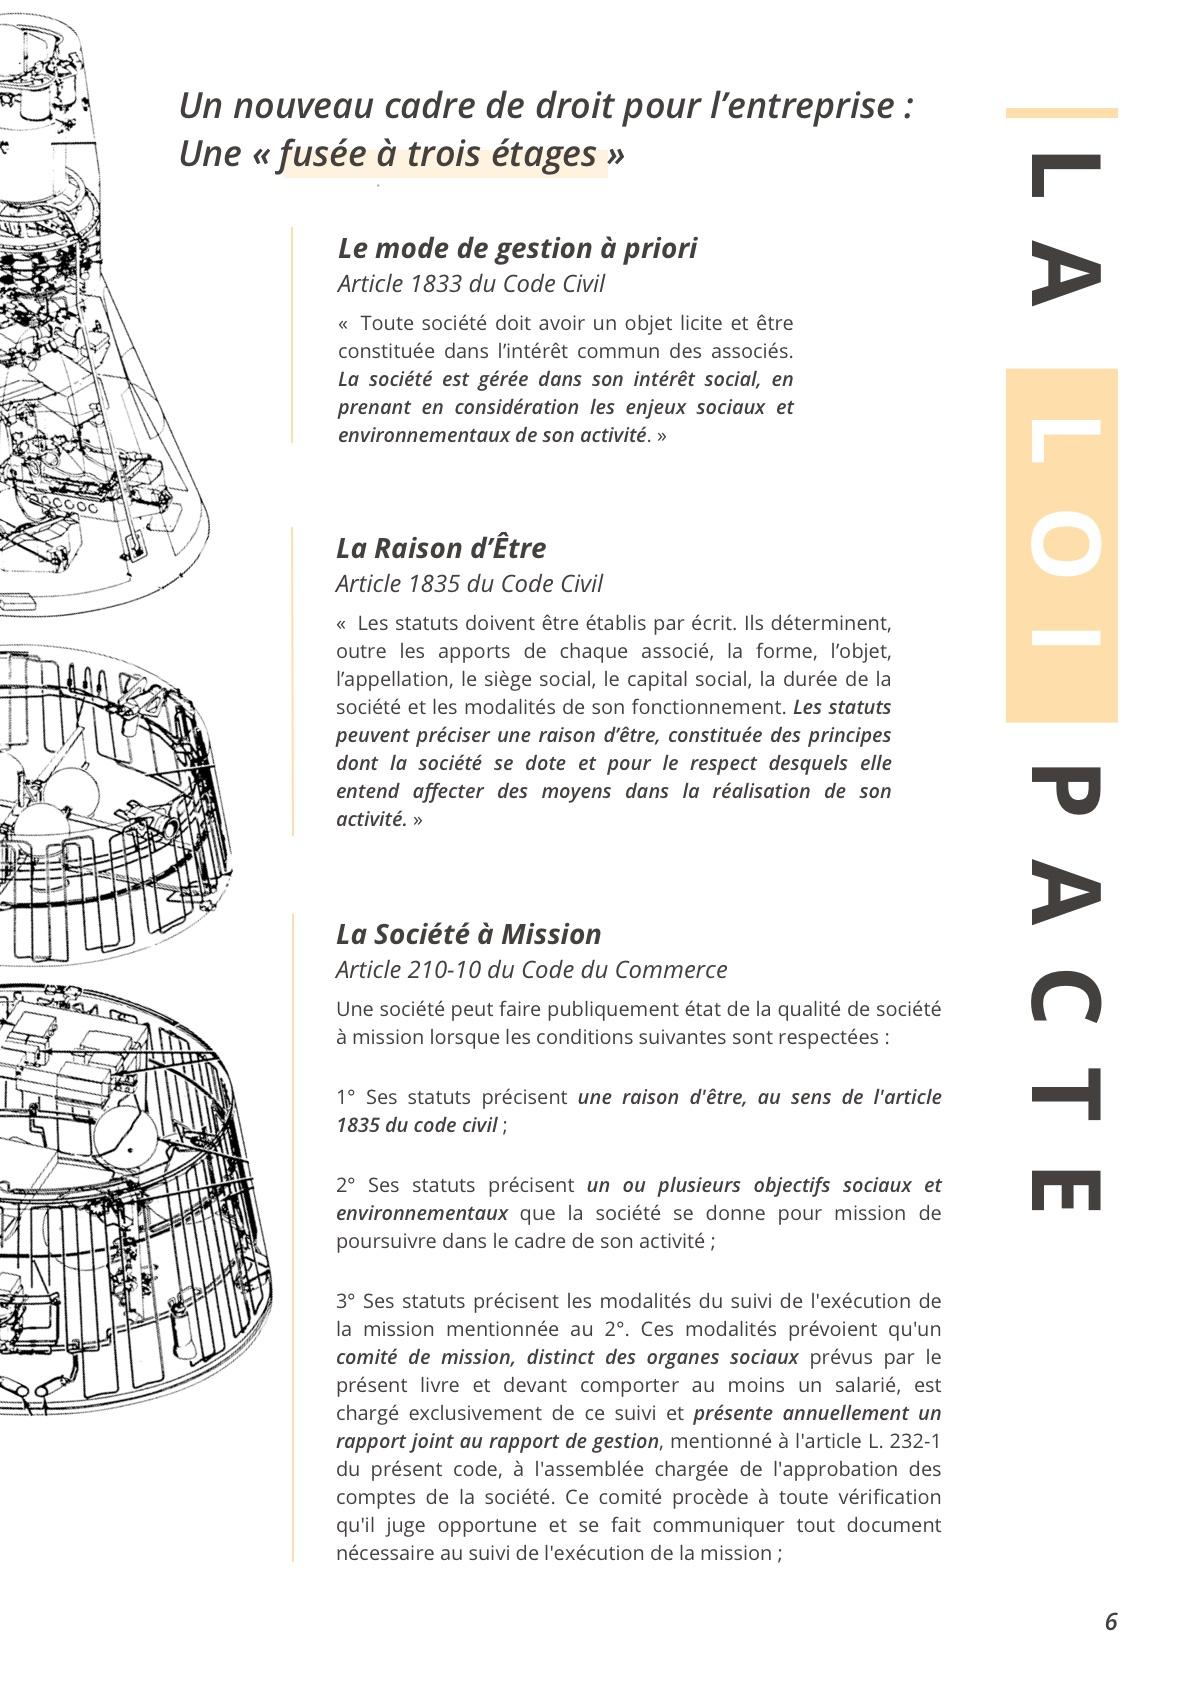 La loi pacte : sociėtė à mission, entreprise á mission et raison d'être